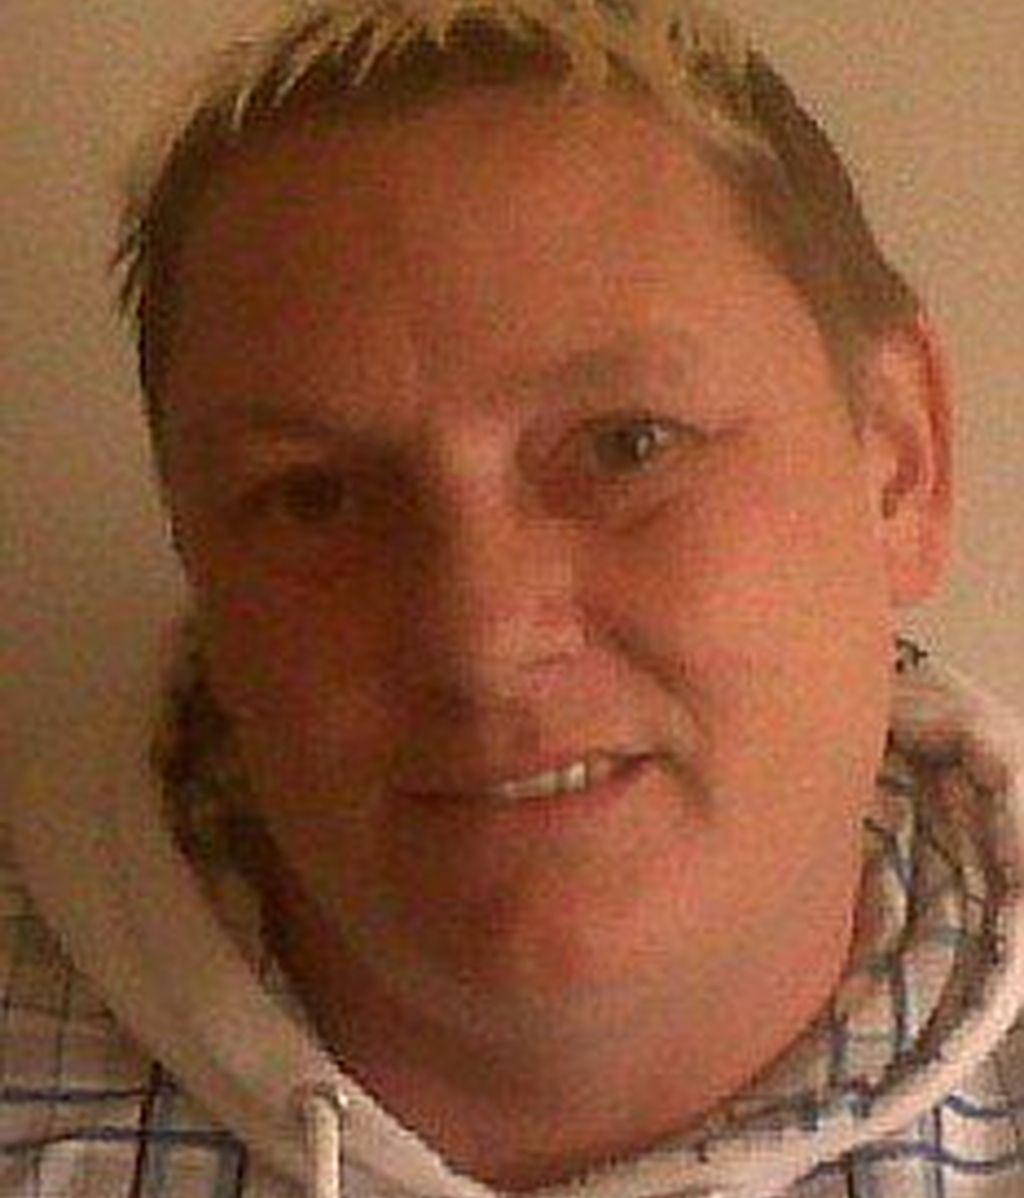 Simone Back, la mujer de 42 años que anunció su suicidio en Facebook y nadie la ayudó. Foto Daily Mail